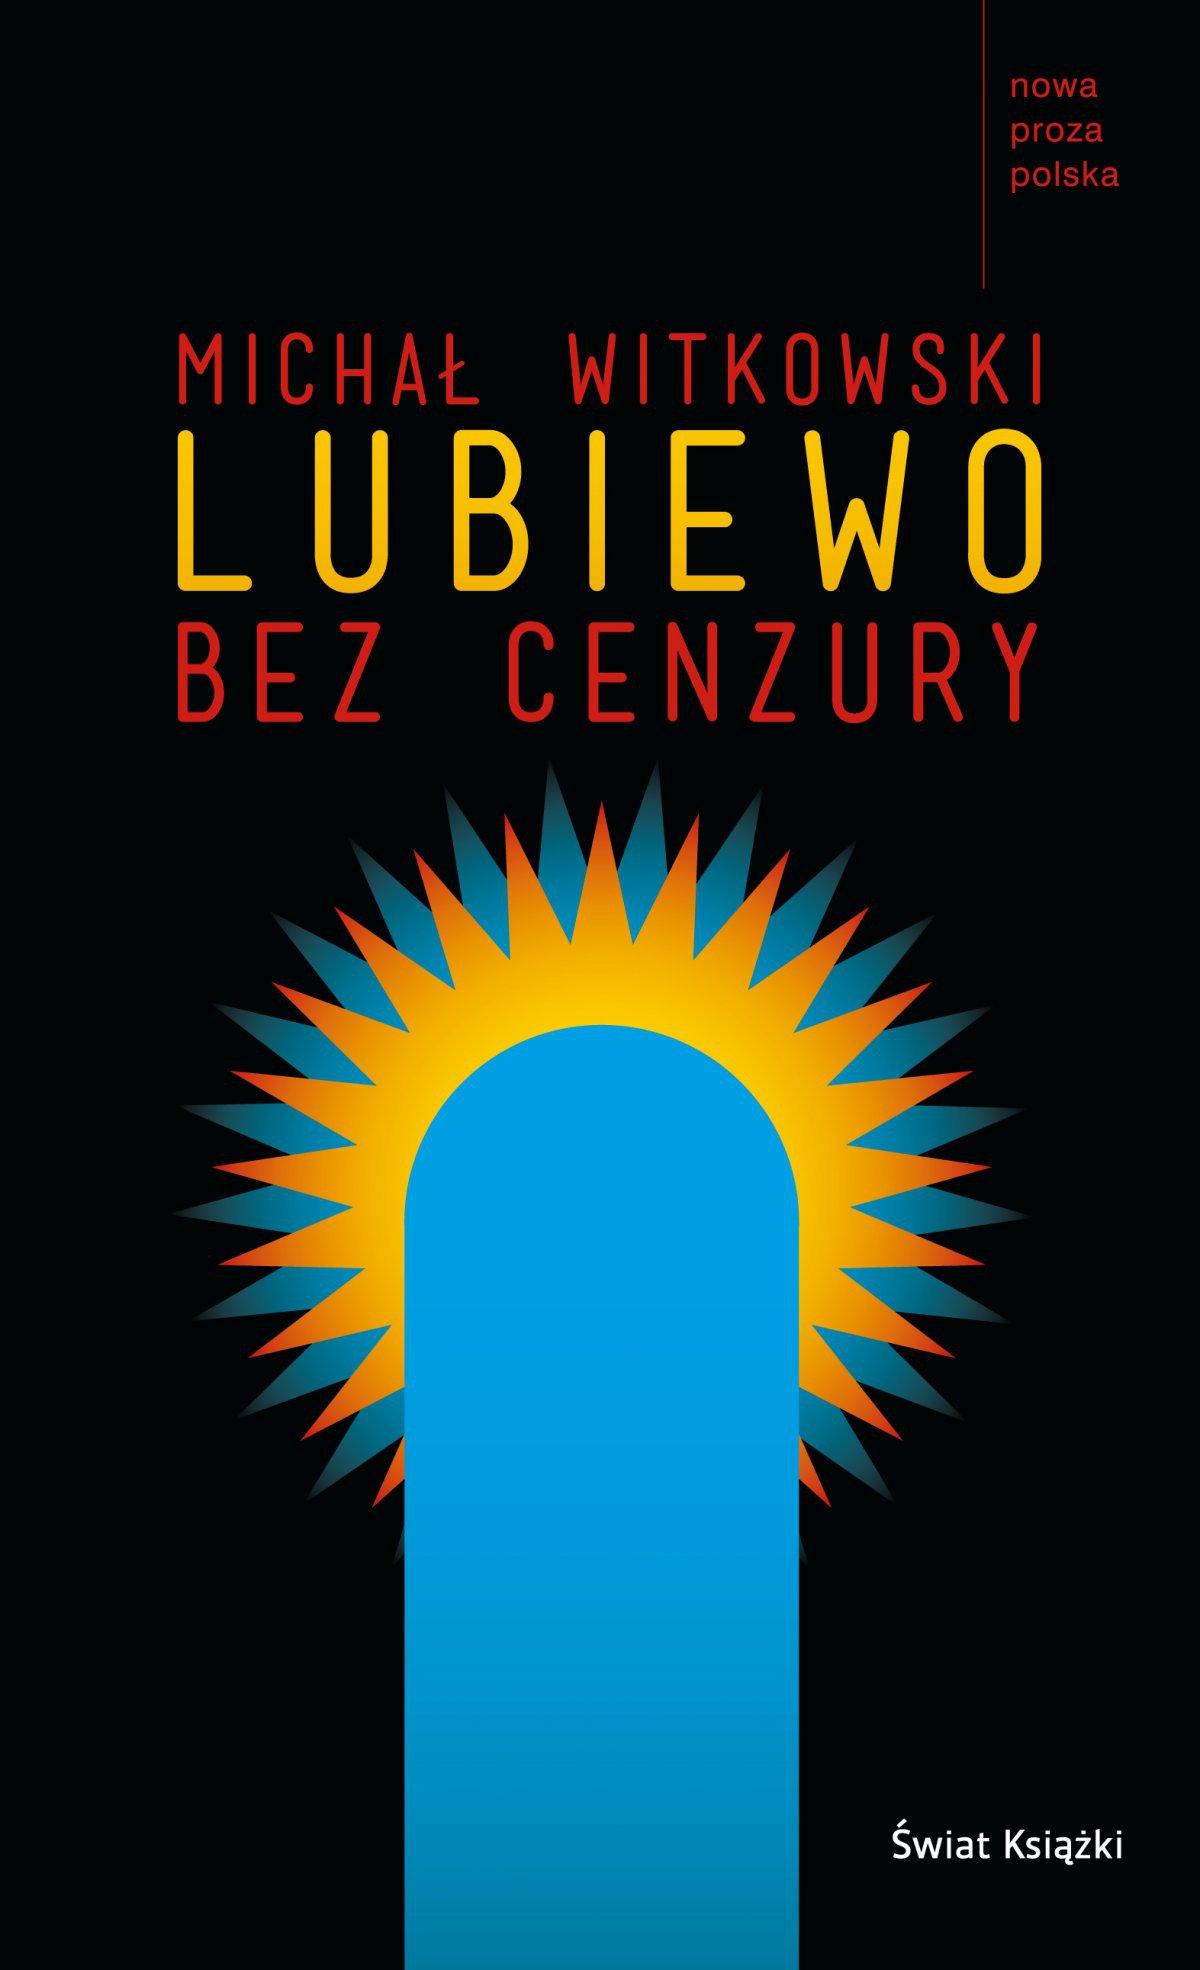 Lubiewo bez cenzury - Ebook (Książka na Kindle) do pobrania w formacie MOBI